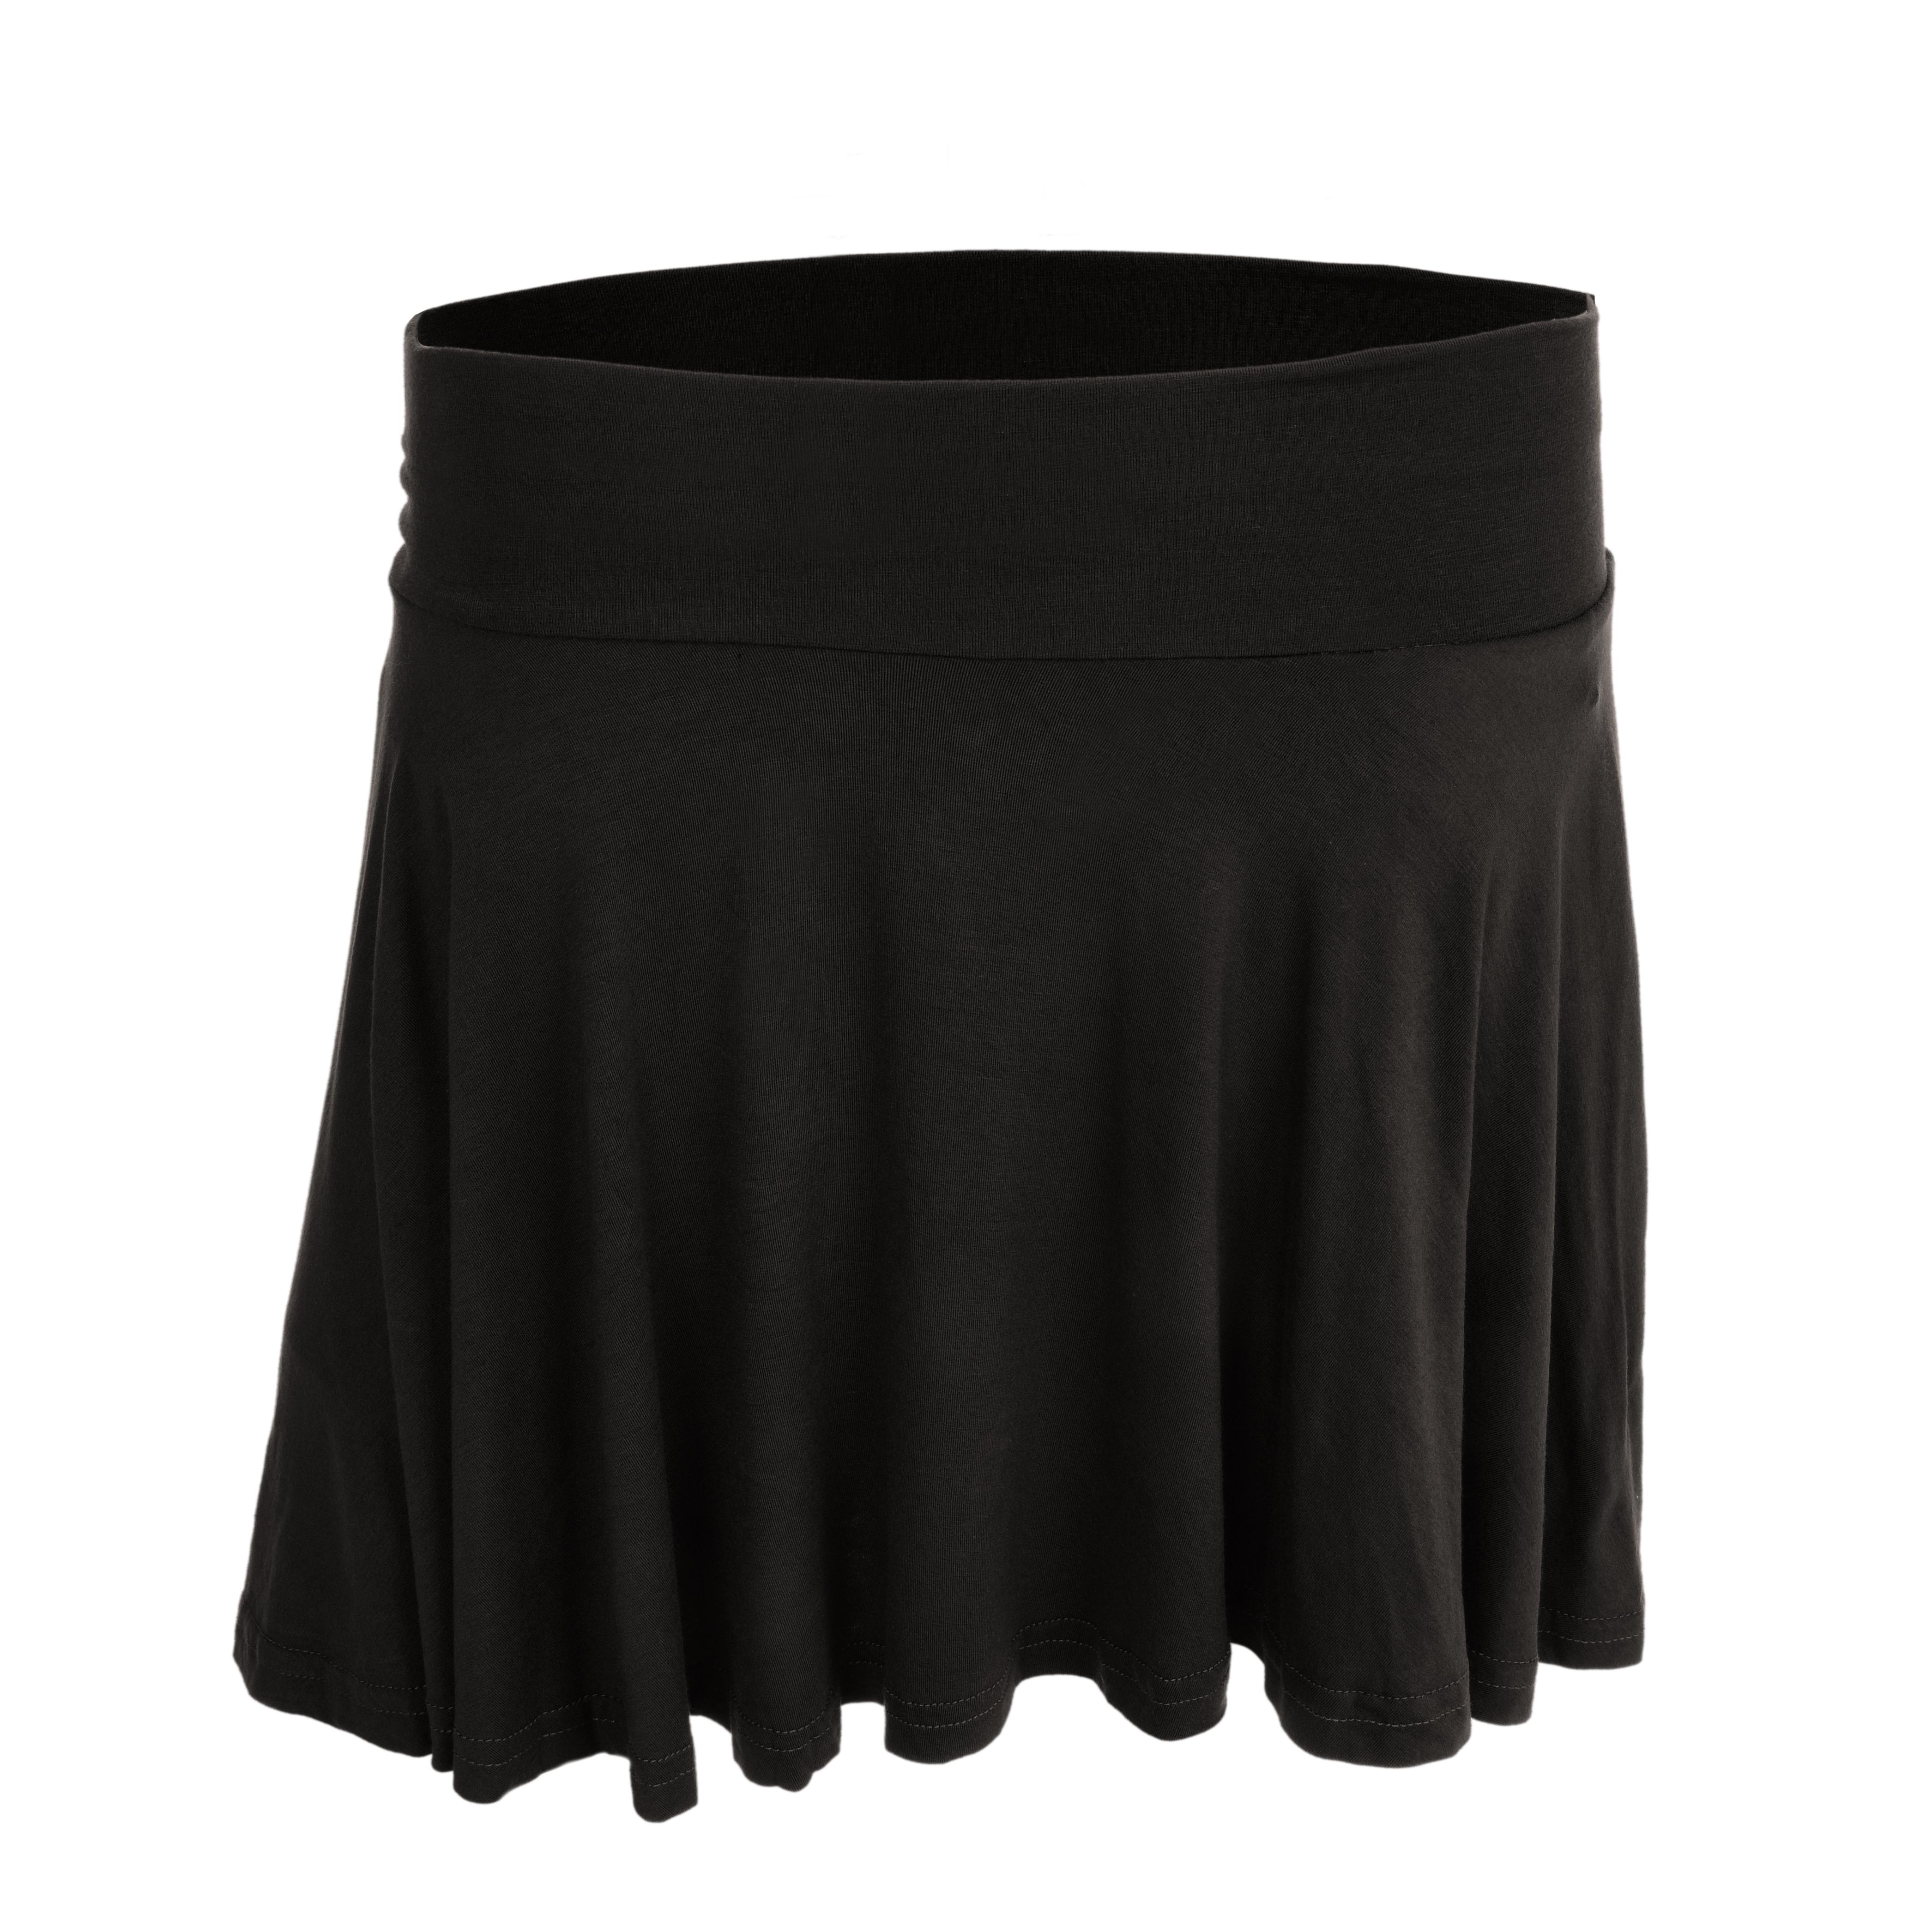 WHEELY kolová sukně černá